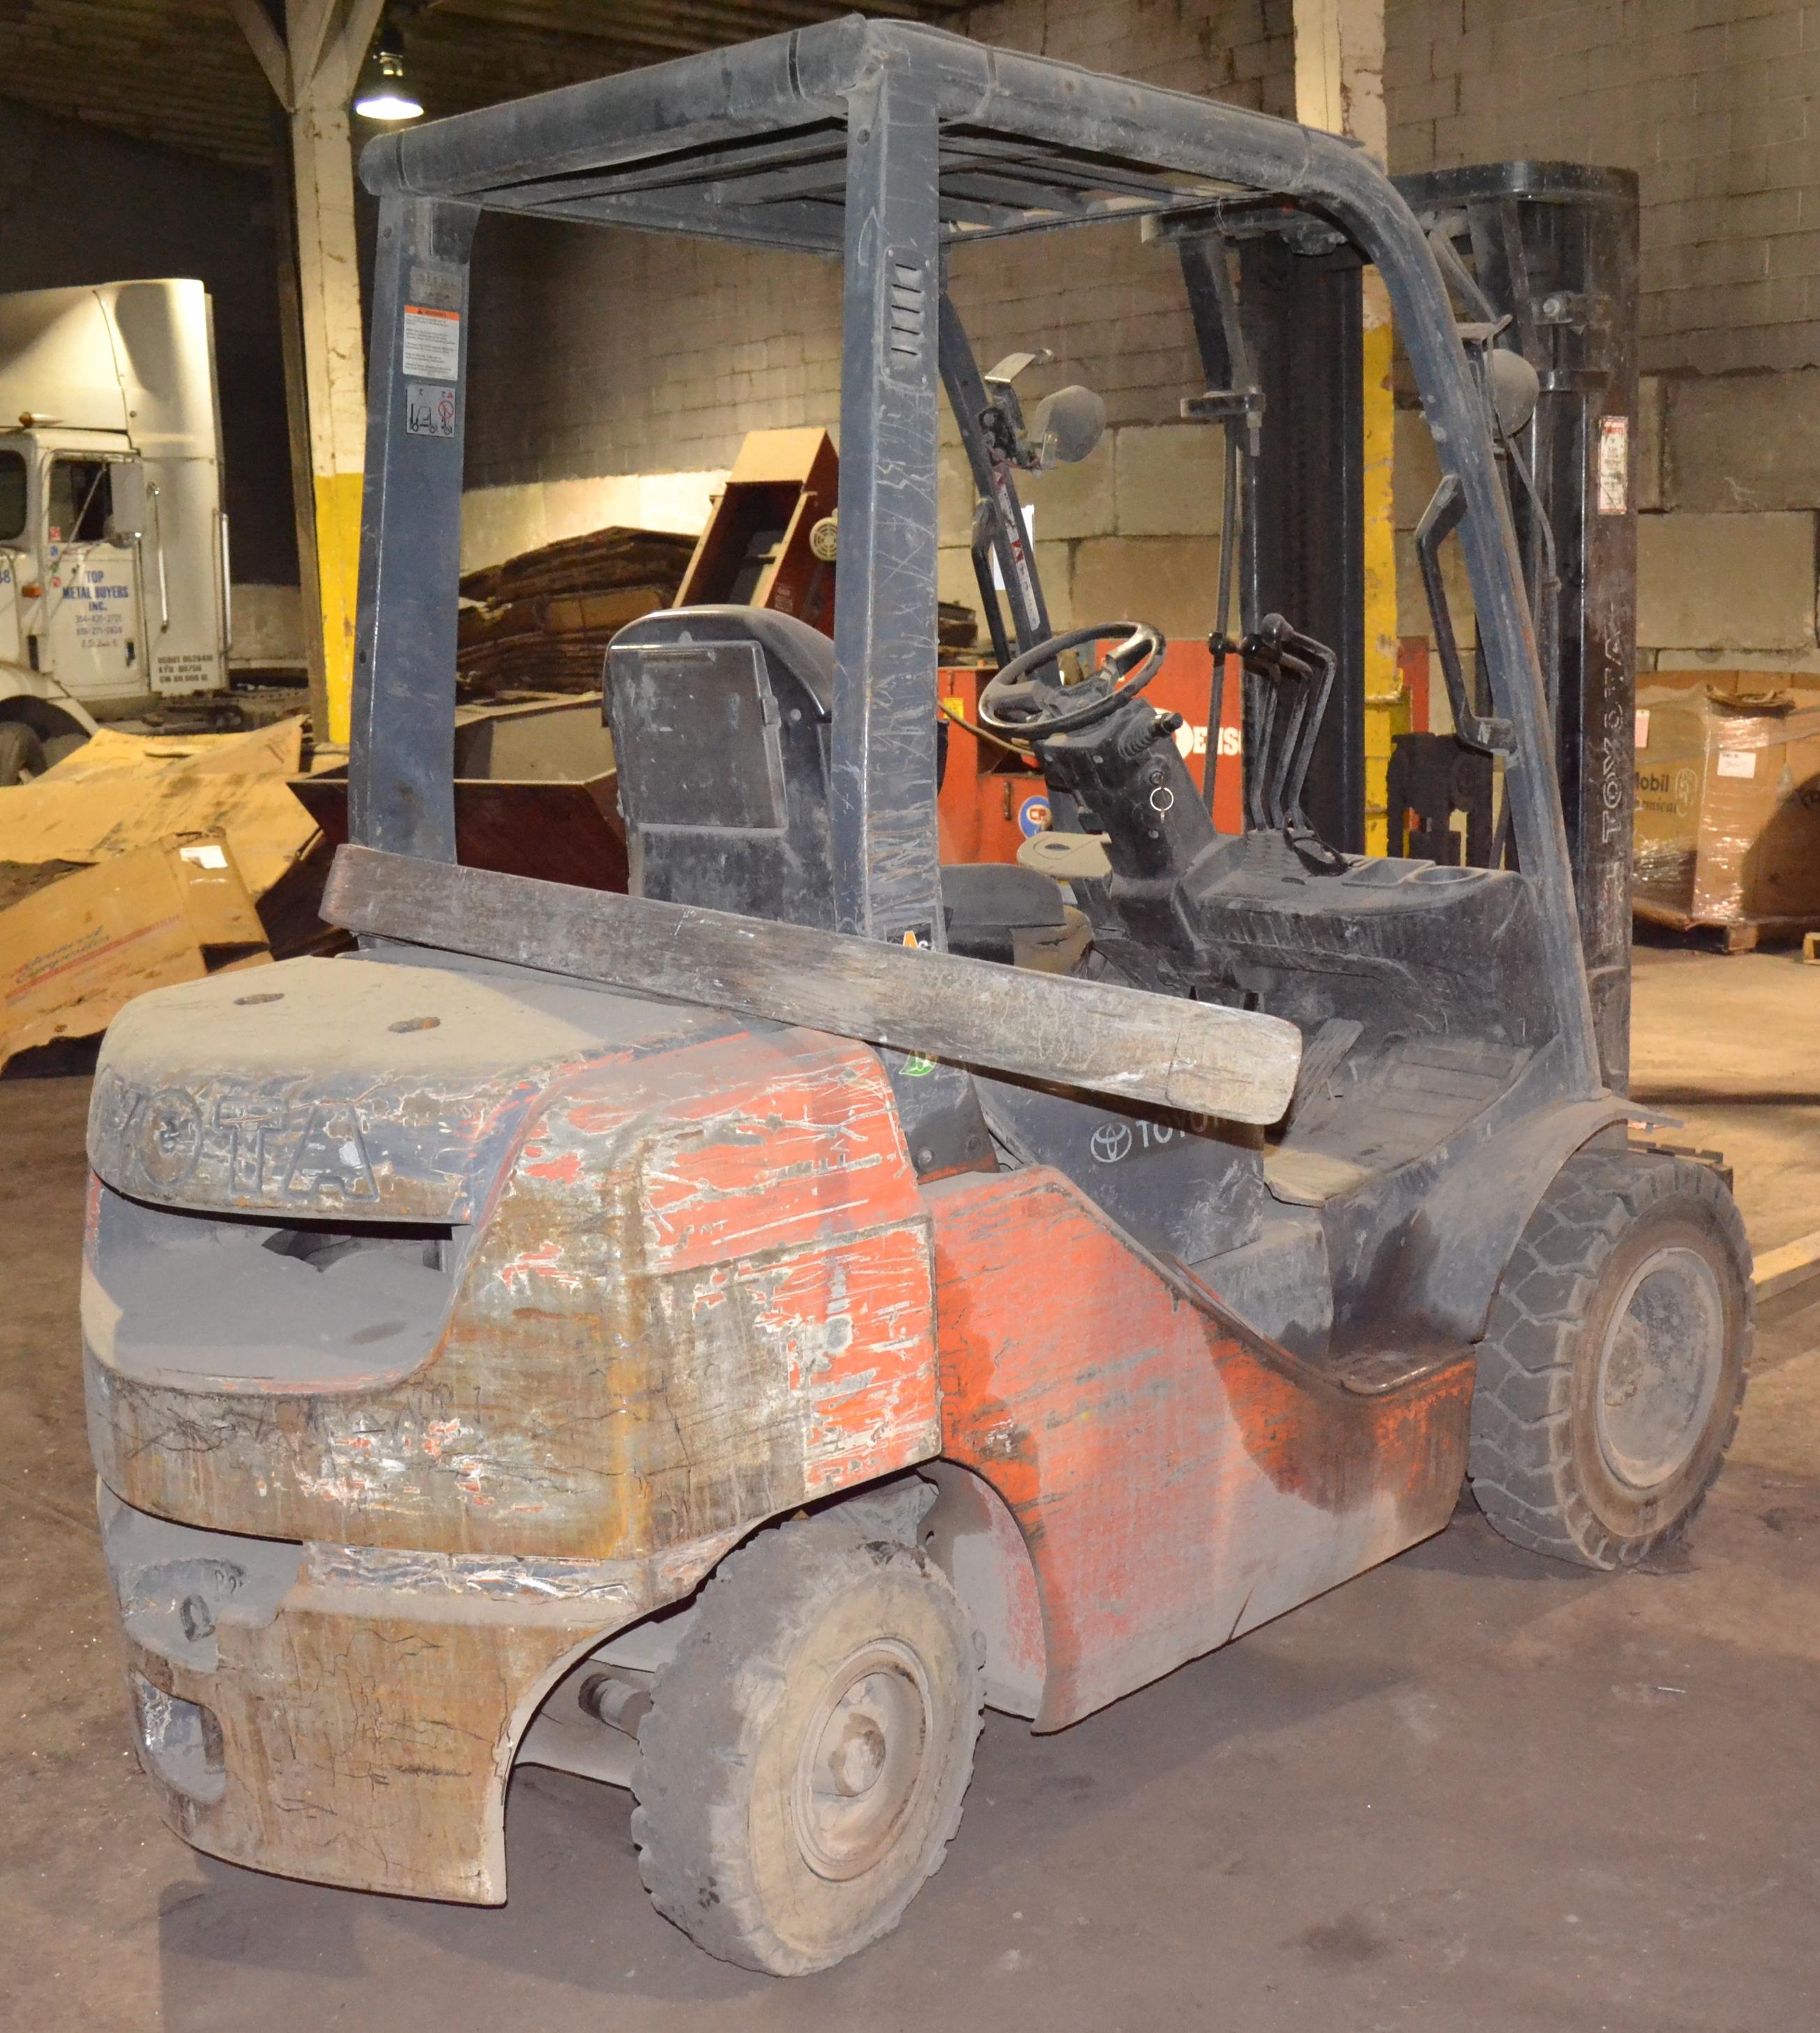 Four Way Side Loader Forklift Mitsubishi Rbm2025k Series: Toyota Model 8FDU25, 4,850-Lb Capacity Forklift, Diesel, 3